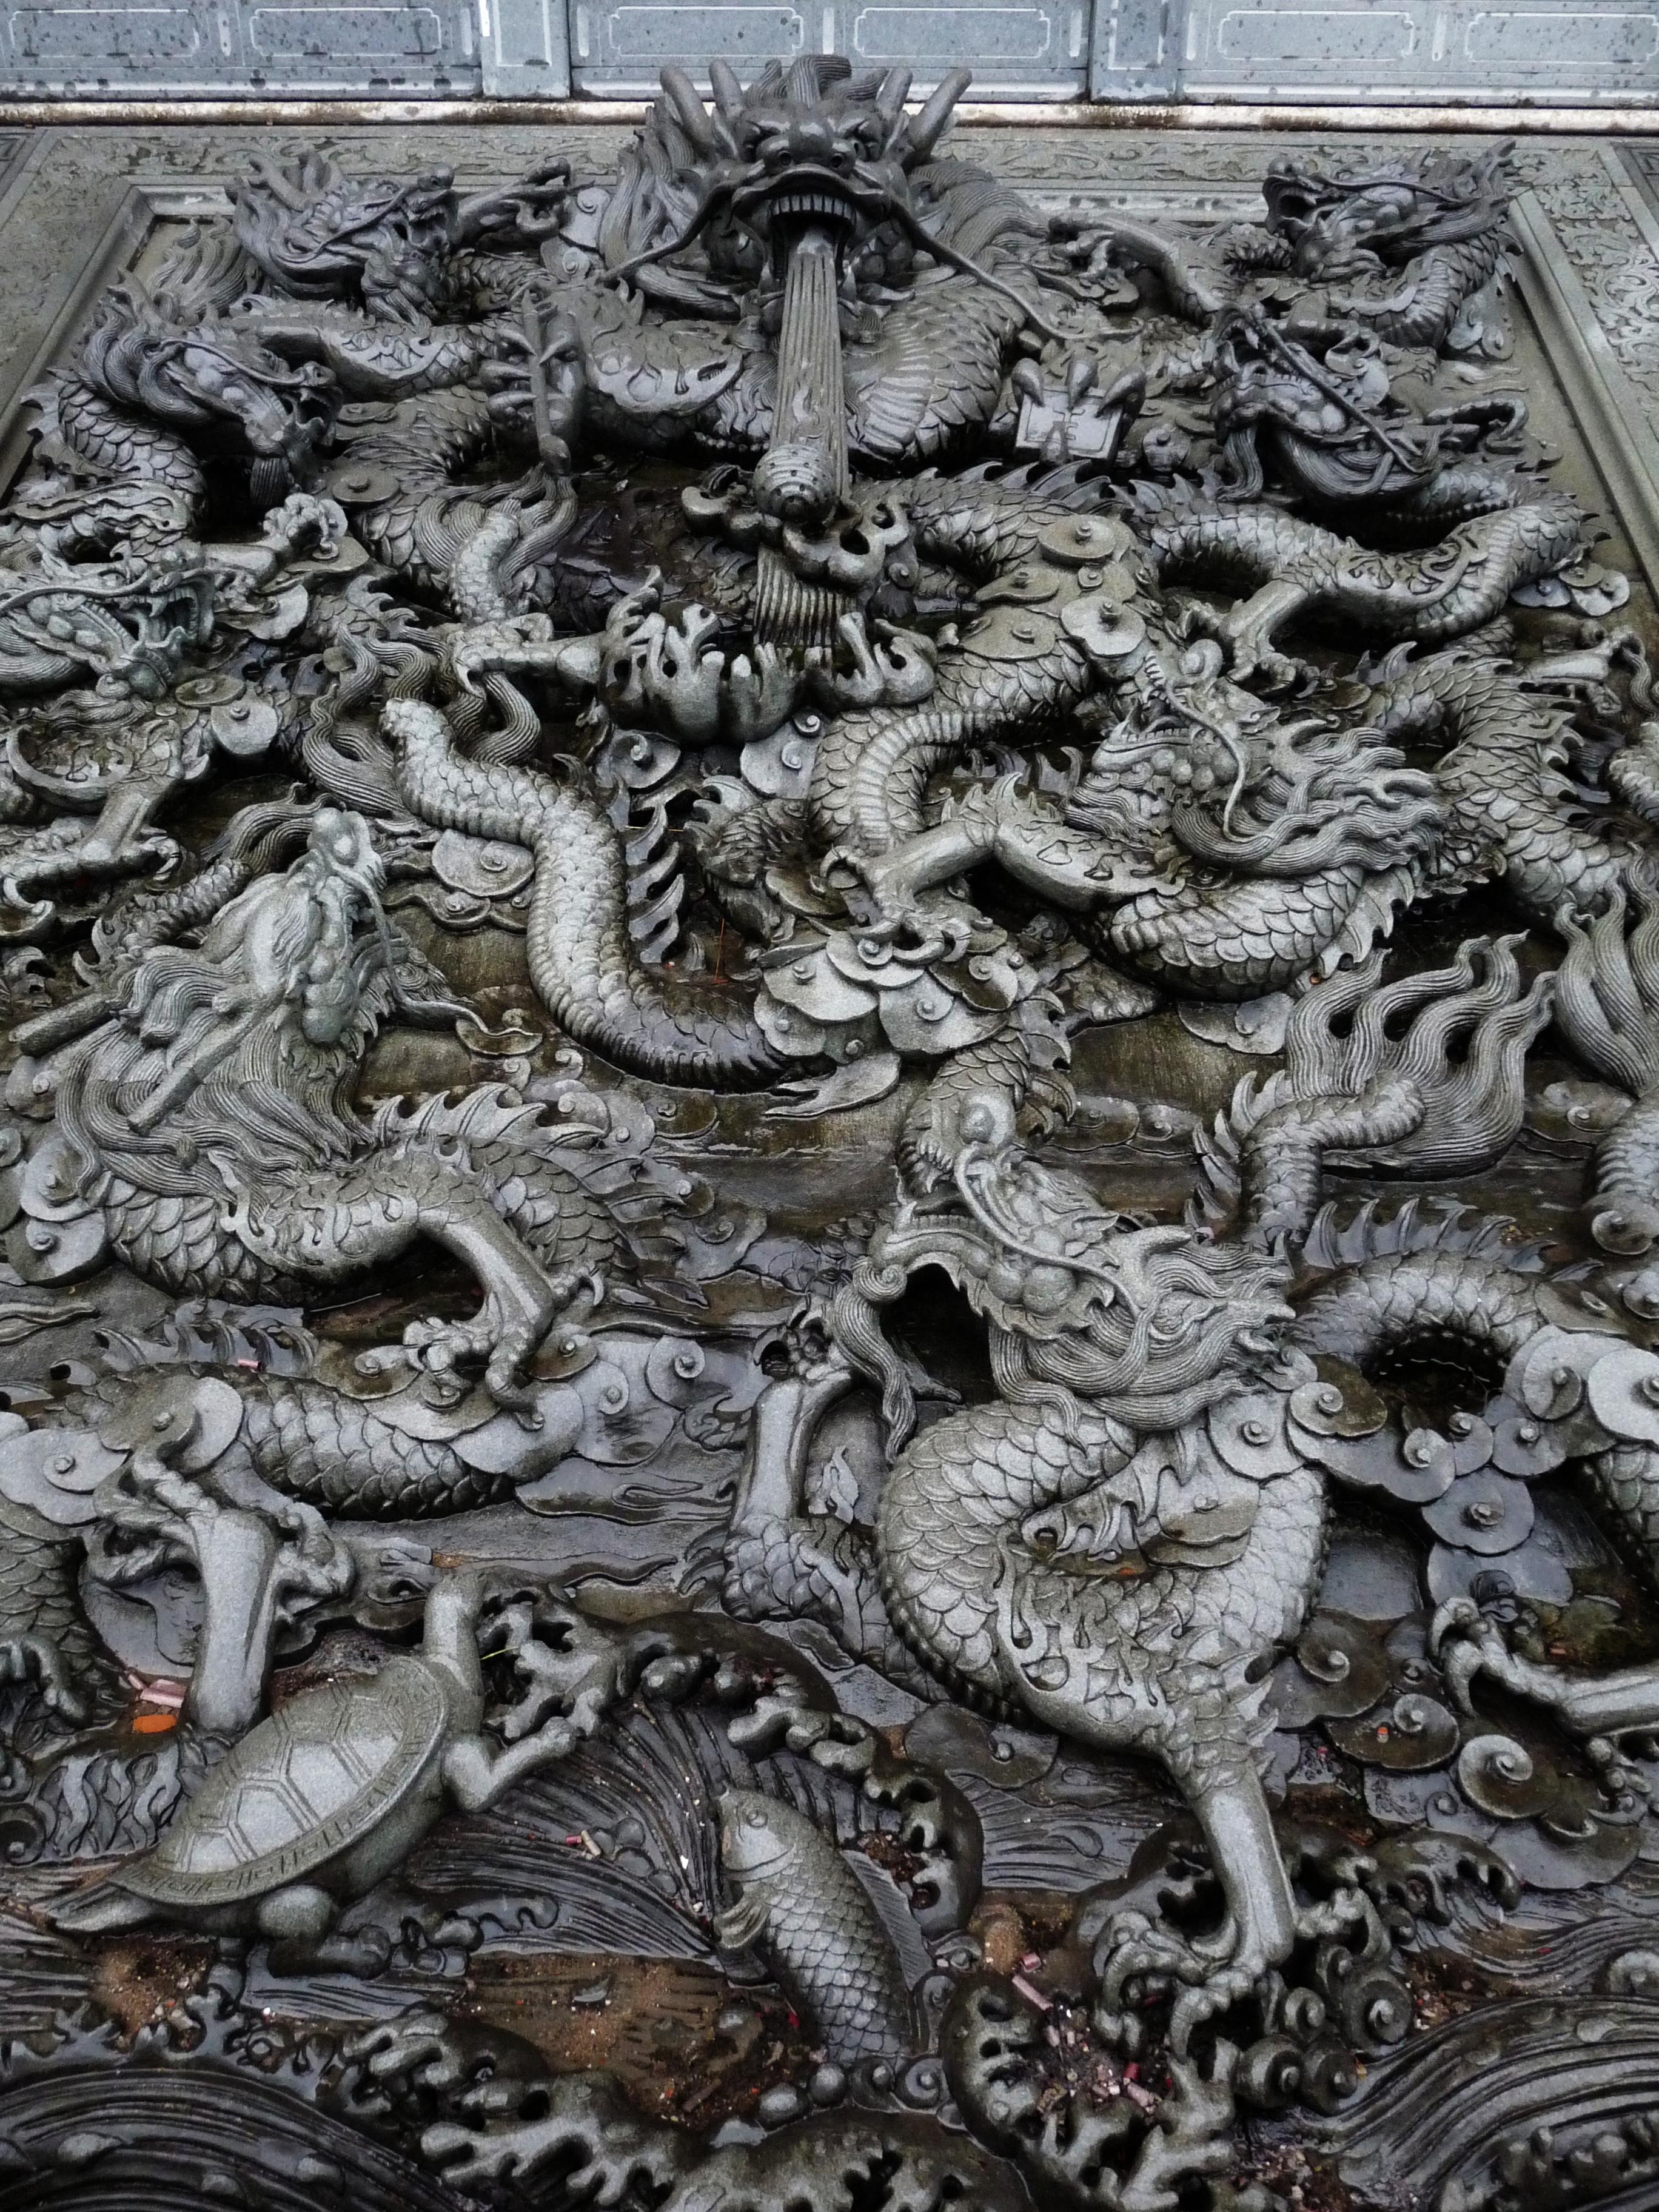 Chinese dragon - Wikipedia | 3648x2736